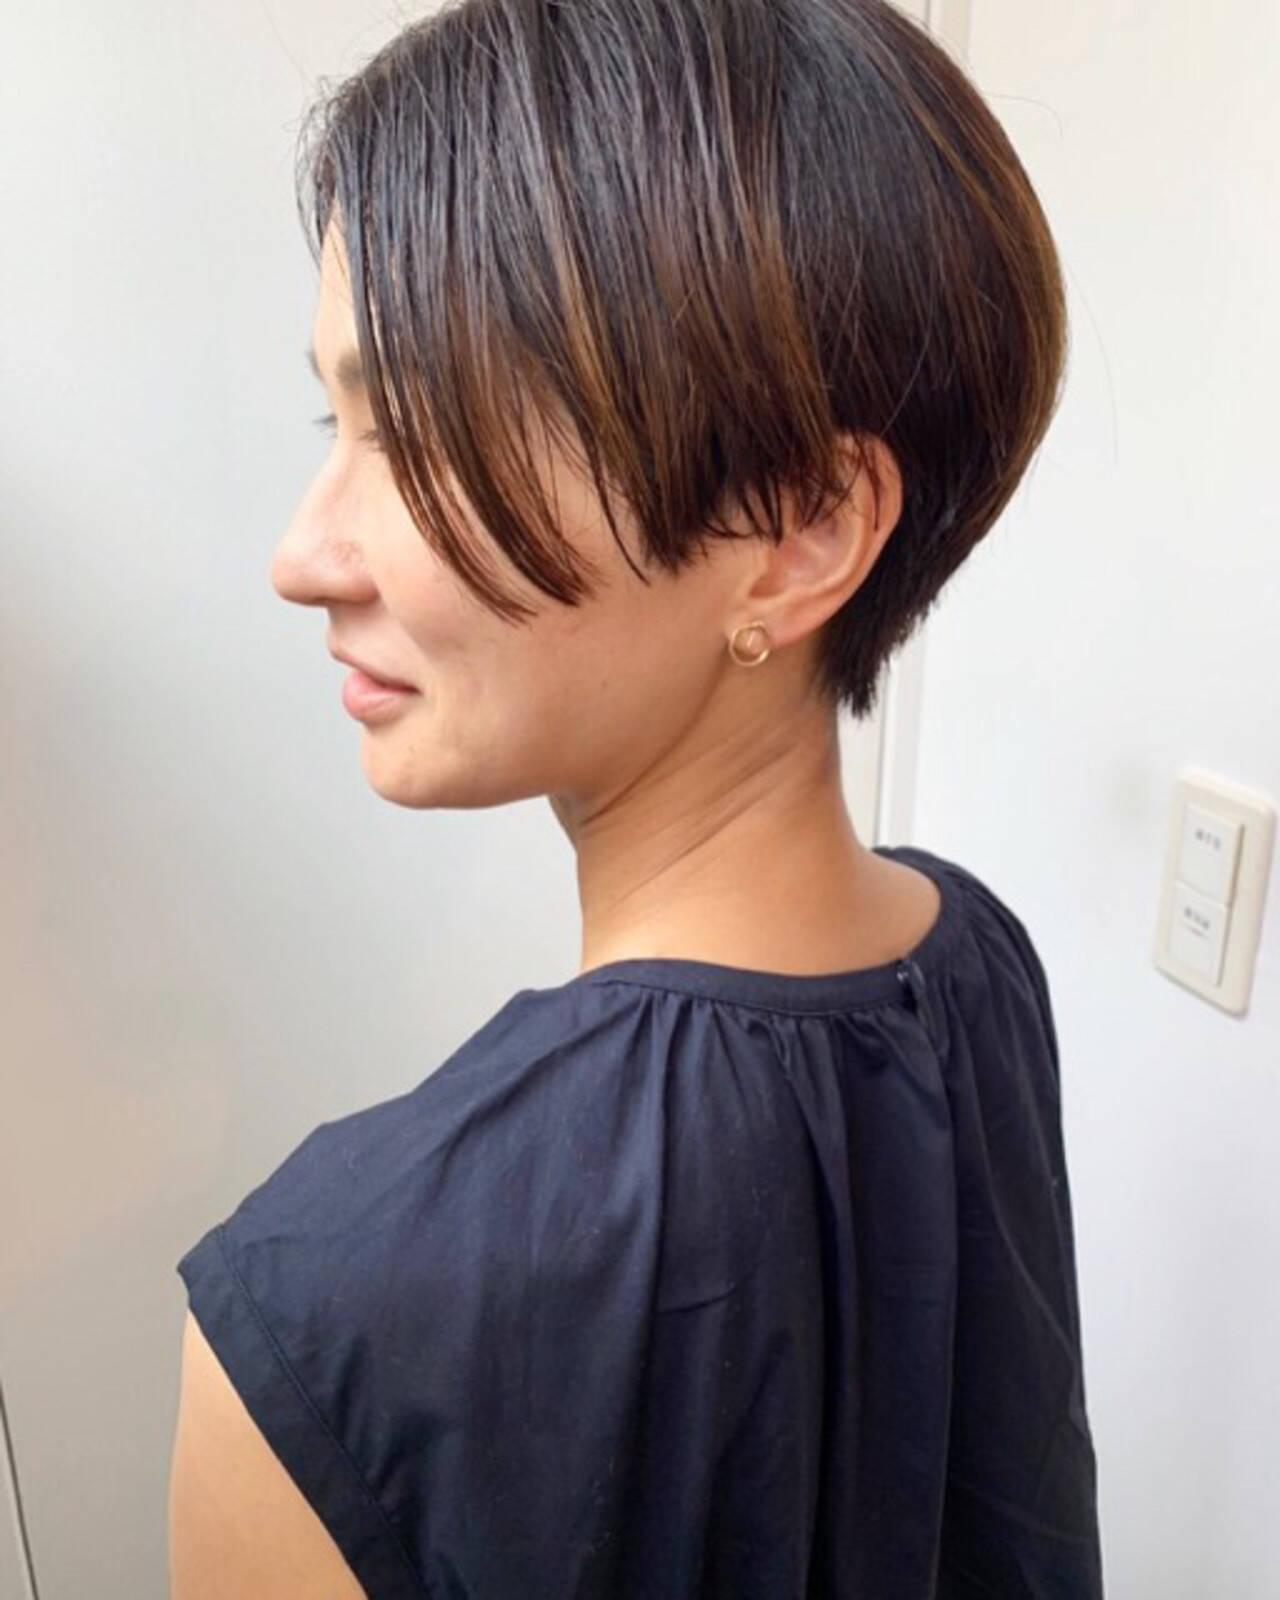 マッシュショート ショート ナチュラル ハンサムショートヘアスタイルや髪型の写真・画像